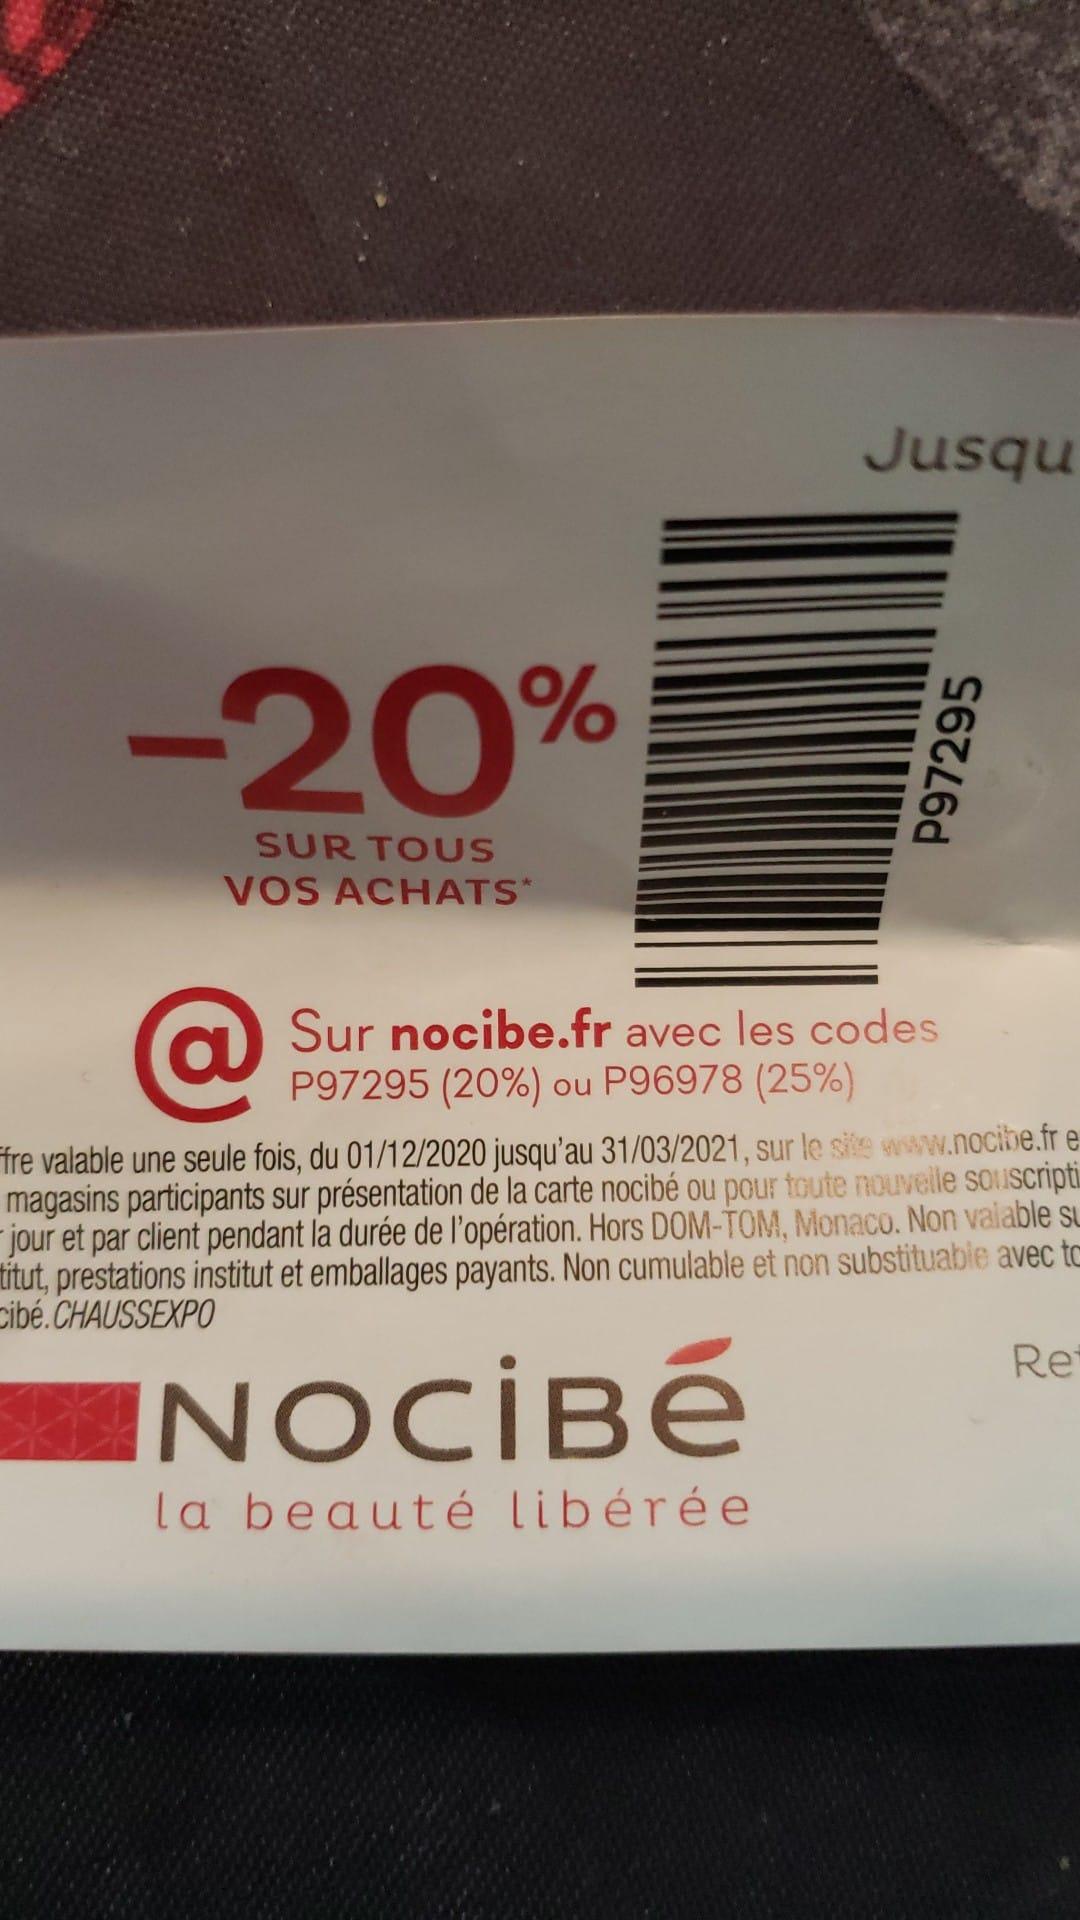 20% de réduction sur tous vos achats